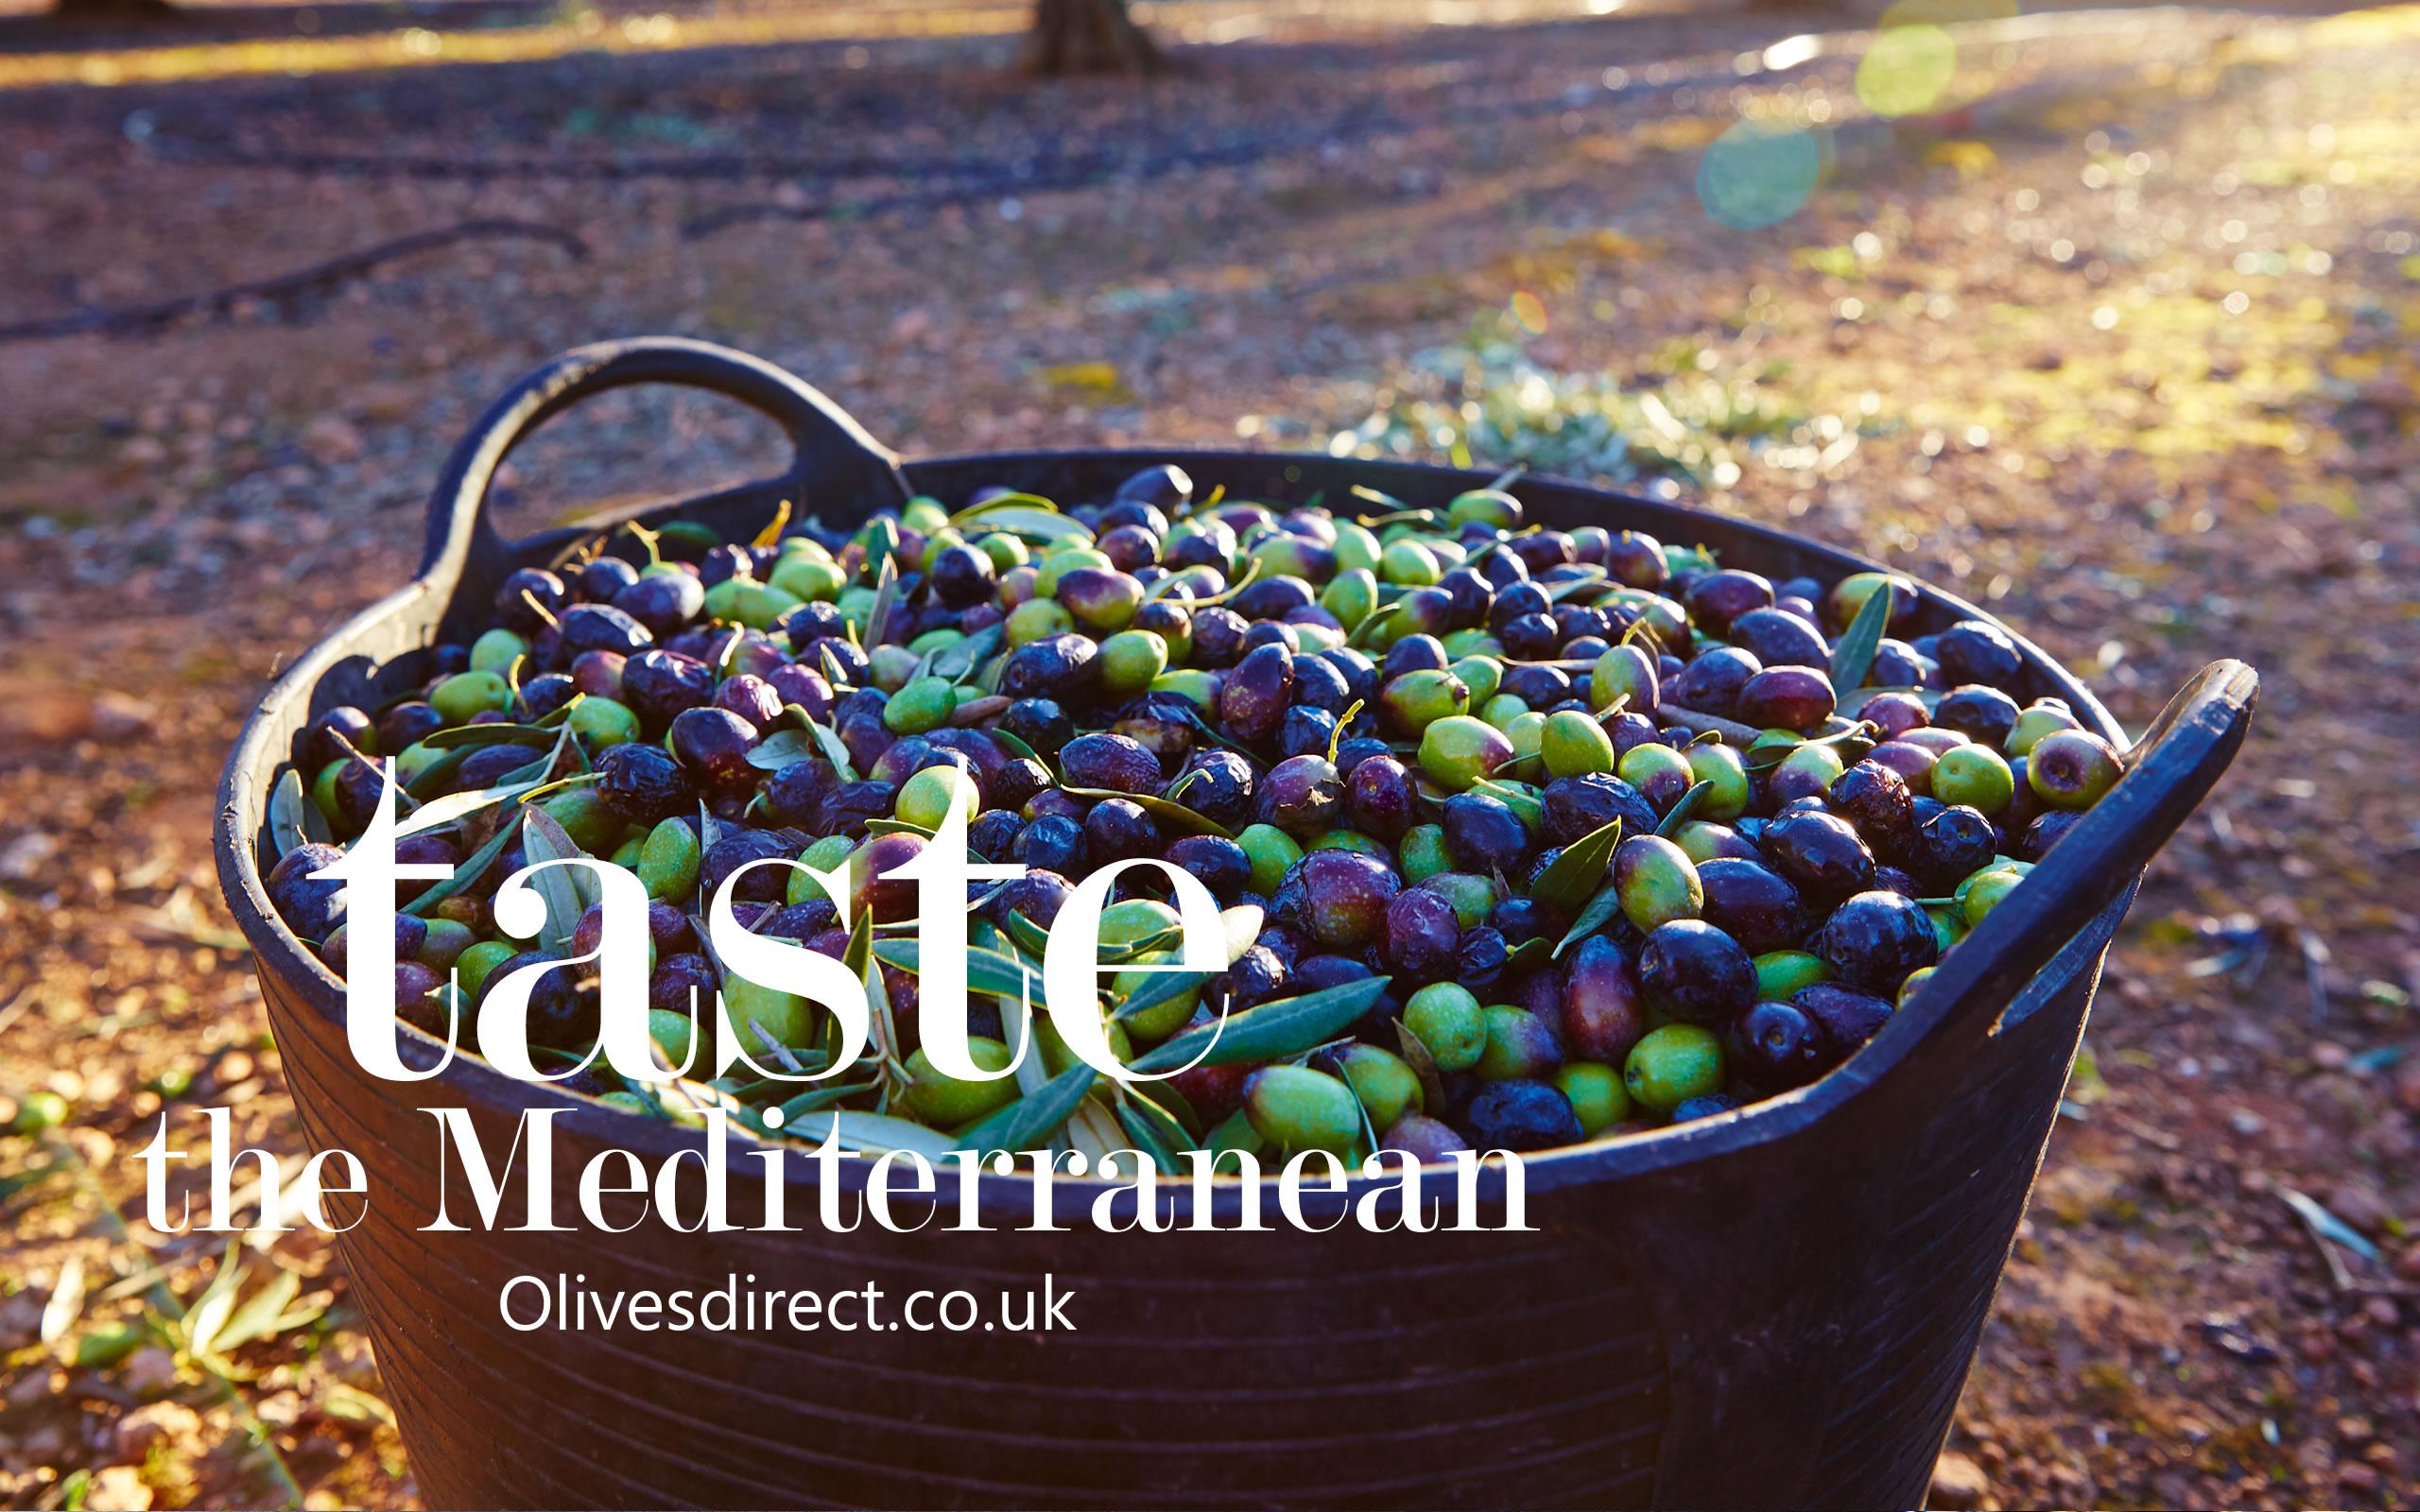 Freshest Olives